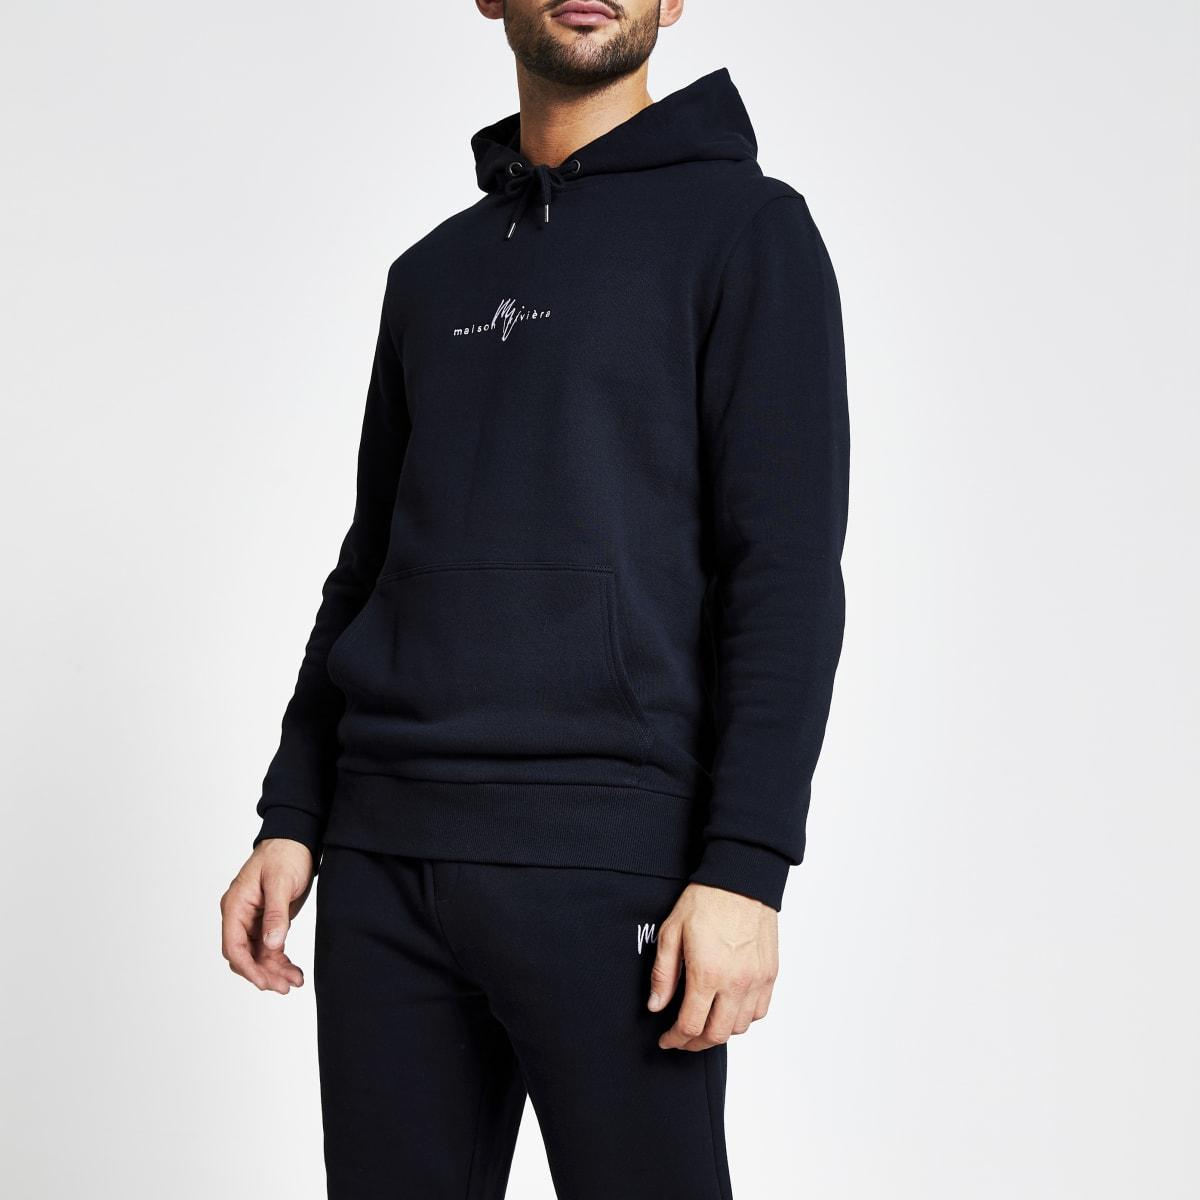 Maison Riviera - Marineblauwe slim-fit hoodie